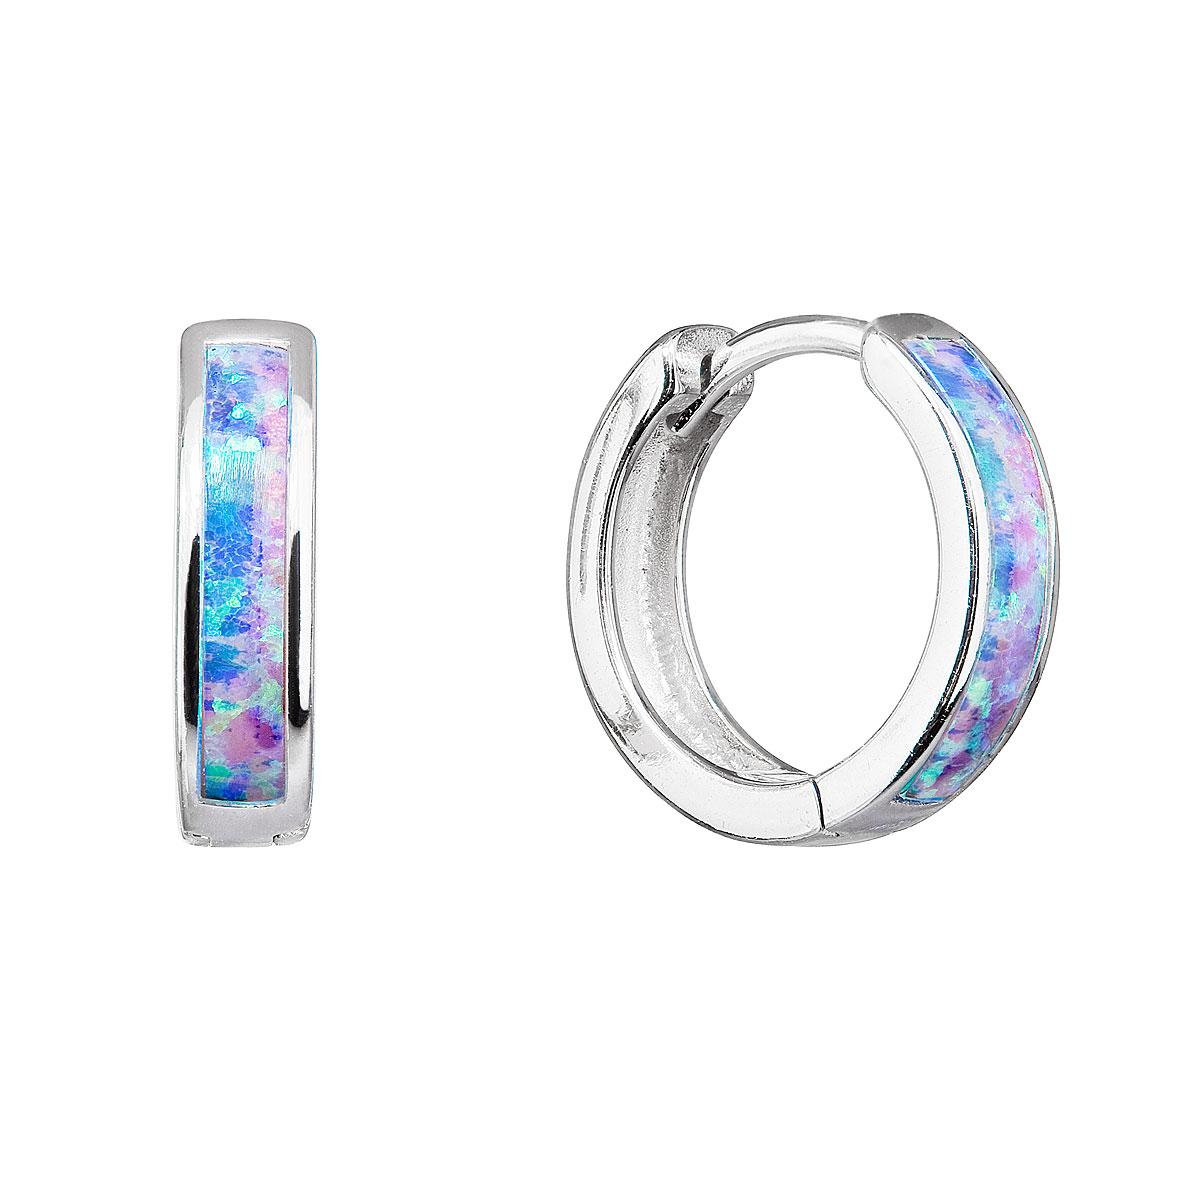 Strieborné náušnice kruhy so syntetickým opálom dúhové 11402.3